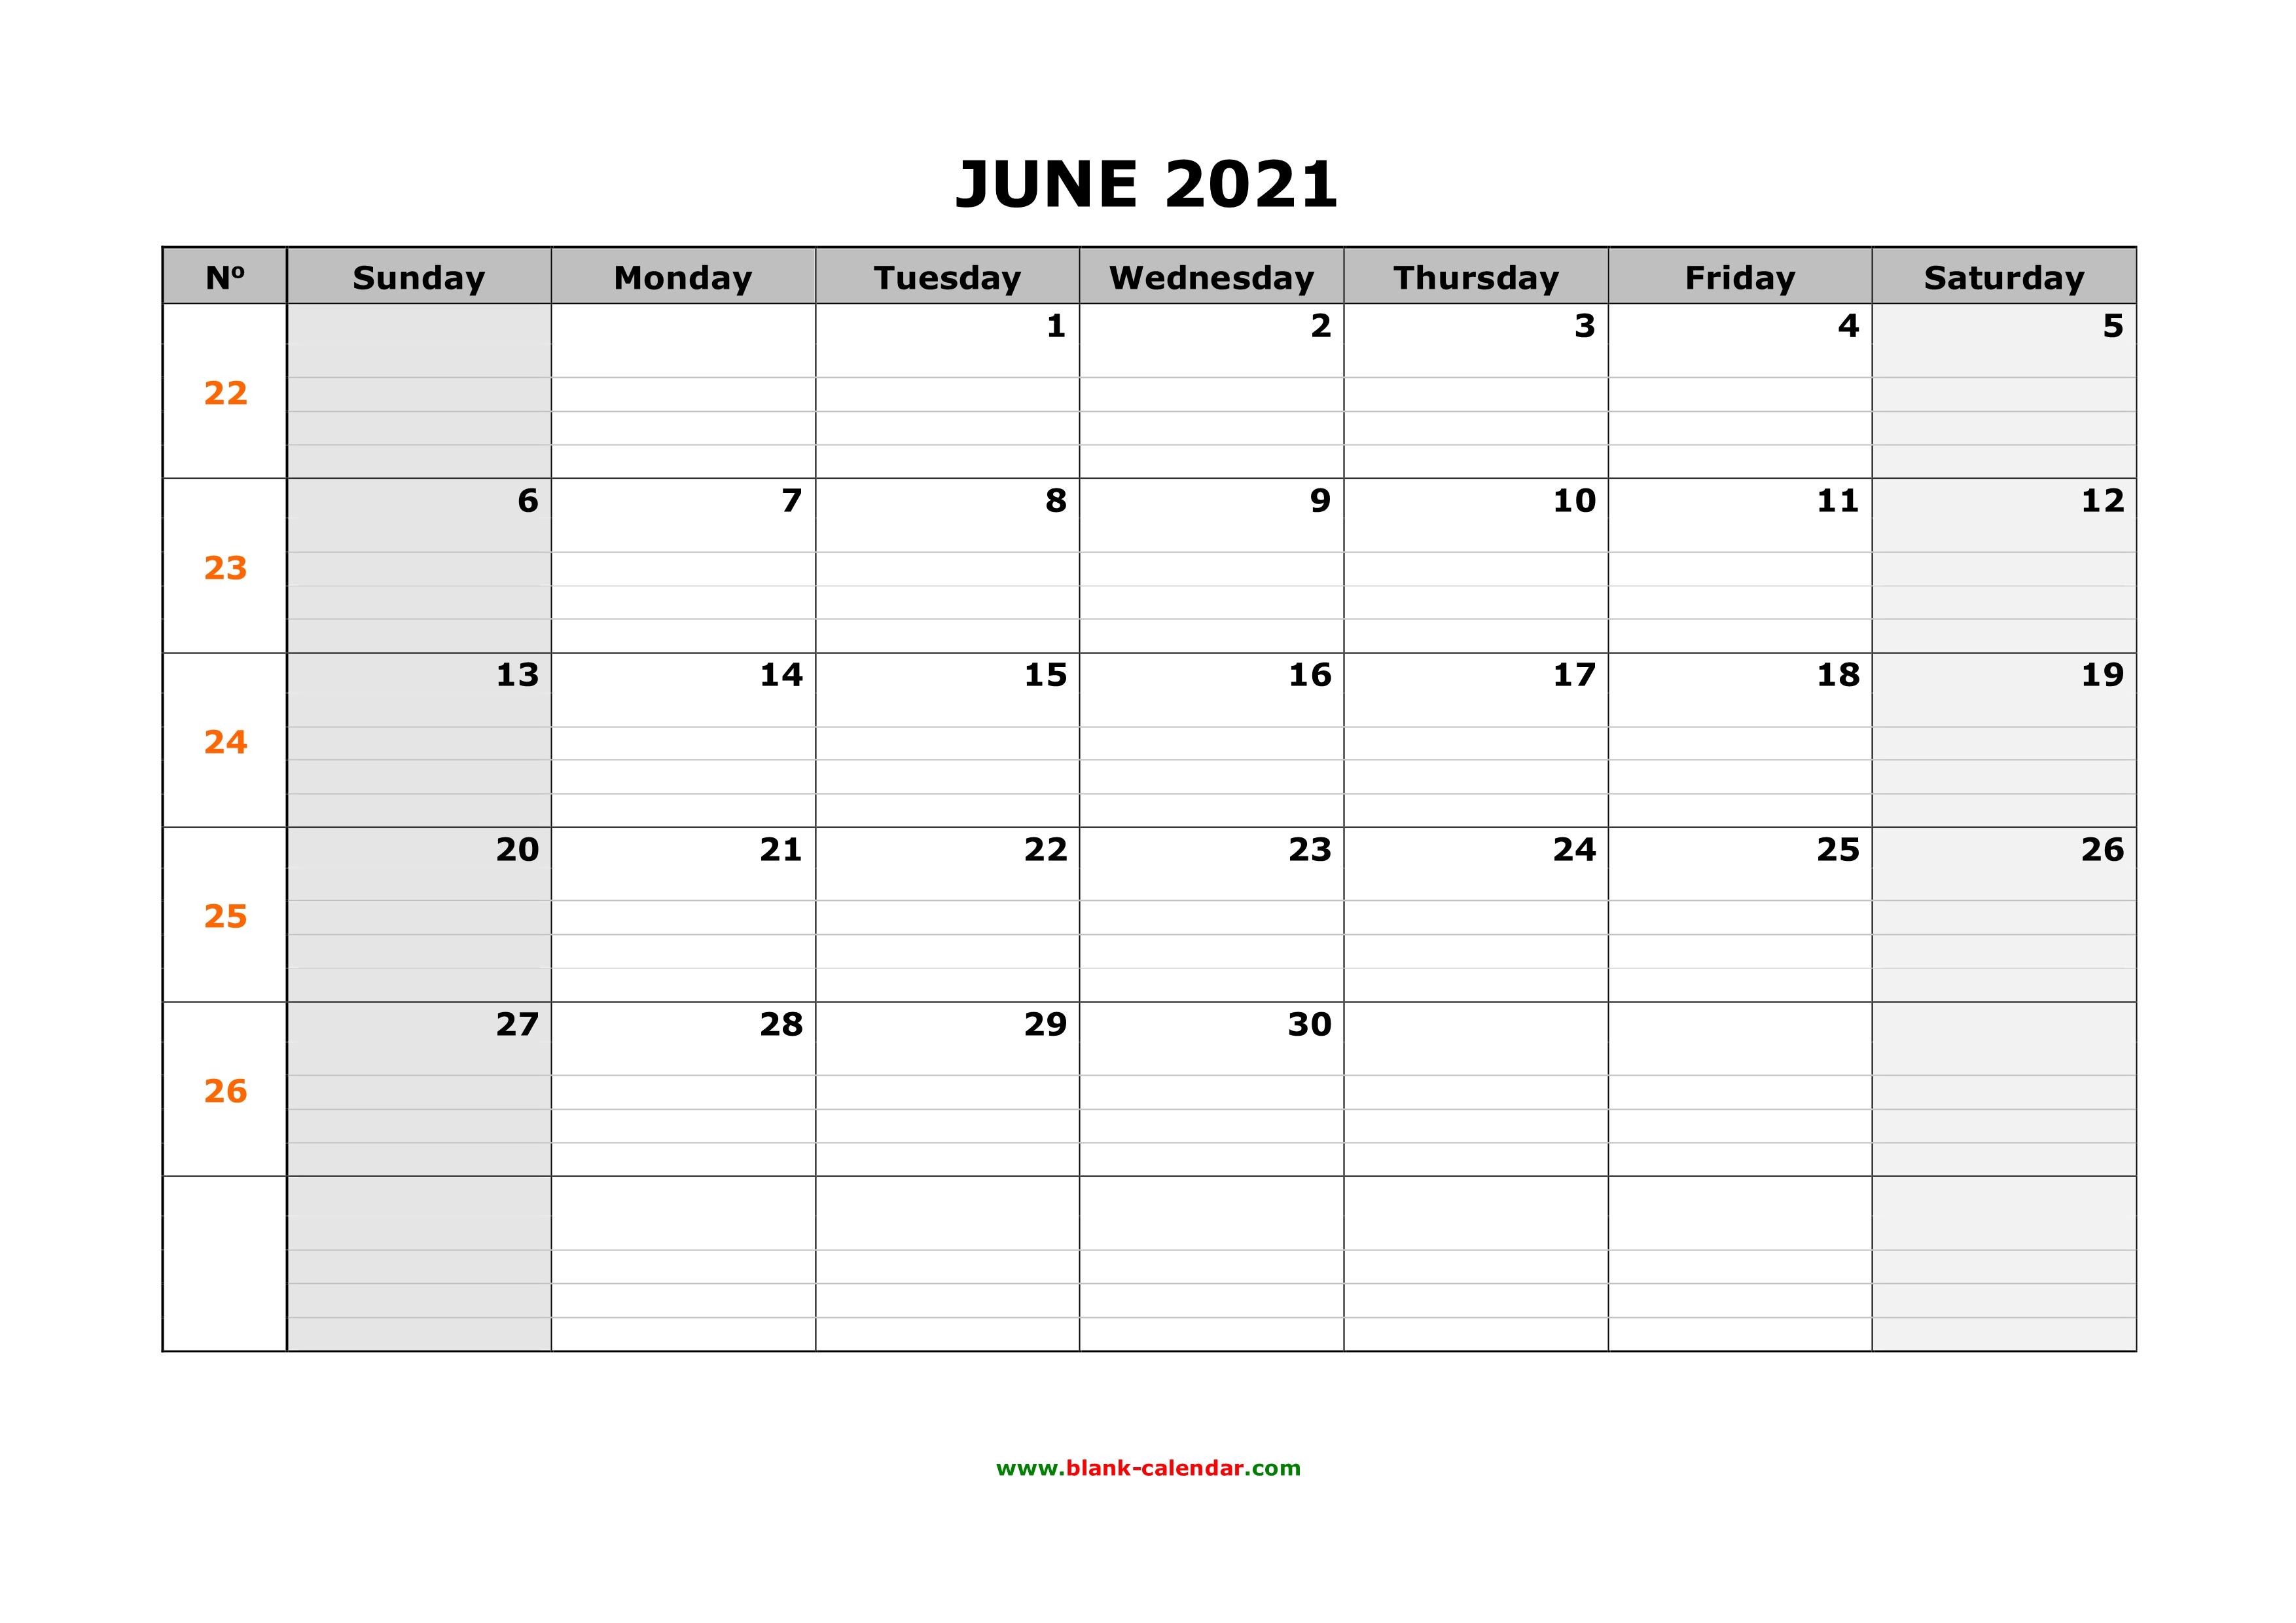 Large June 2021 Calendar Printable Free Download Printable June 2021 Calendar, large box grid, space